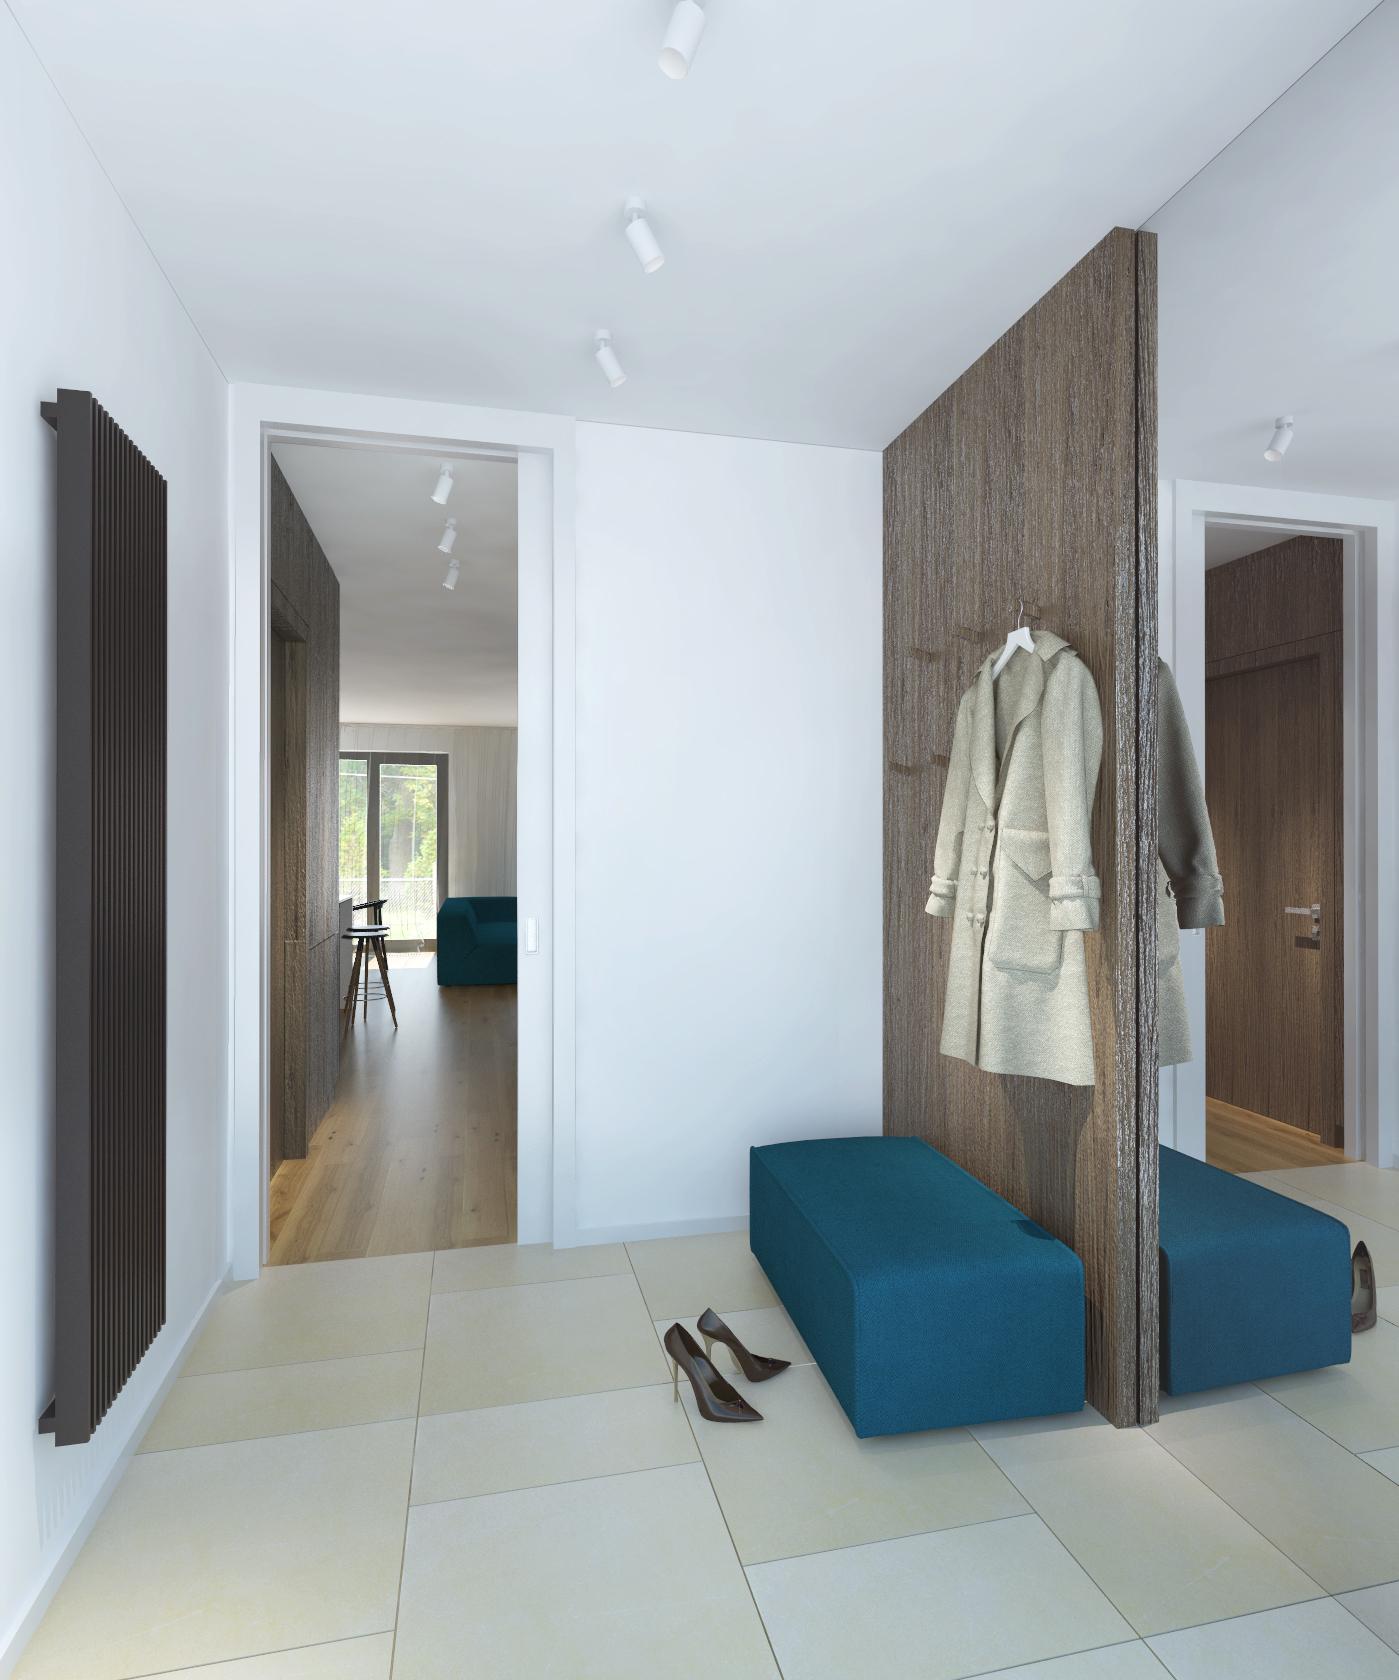 Verwenden Von Spiegeln Im Inneren Des Wohnzimmers Um Den: RULES Architekten